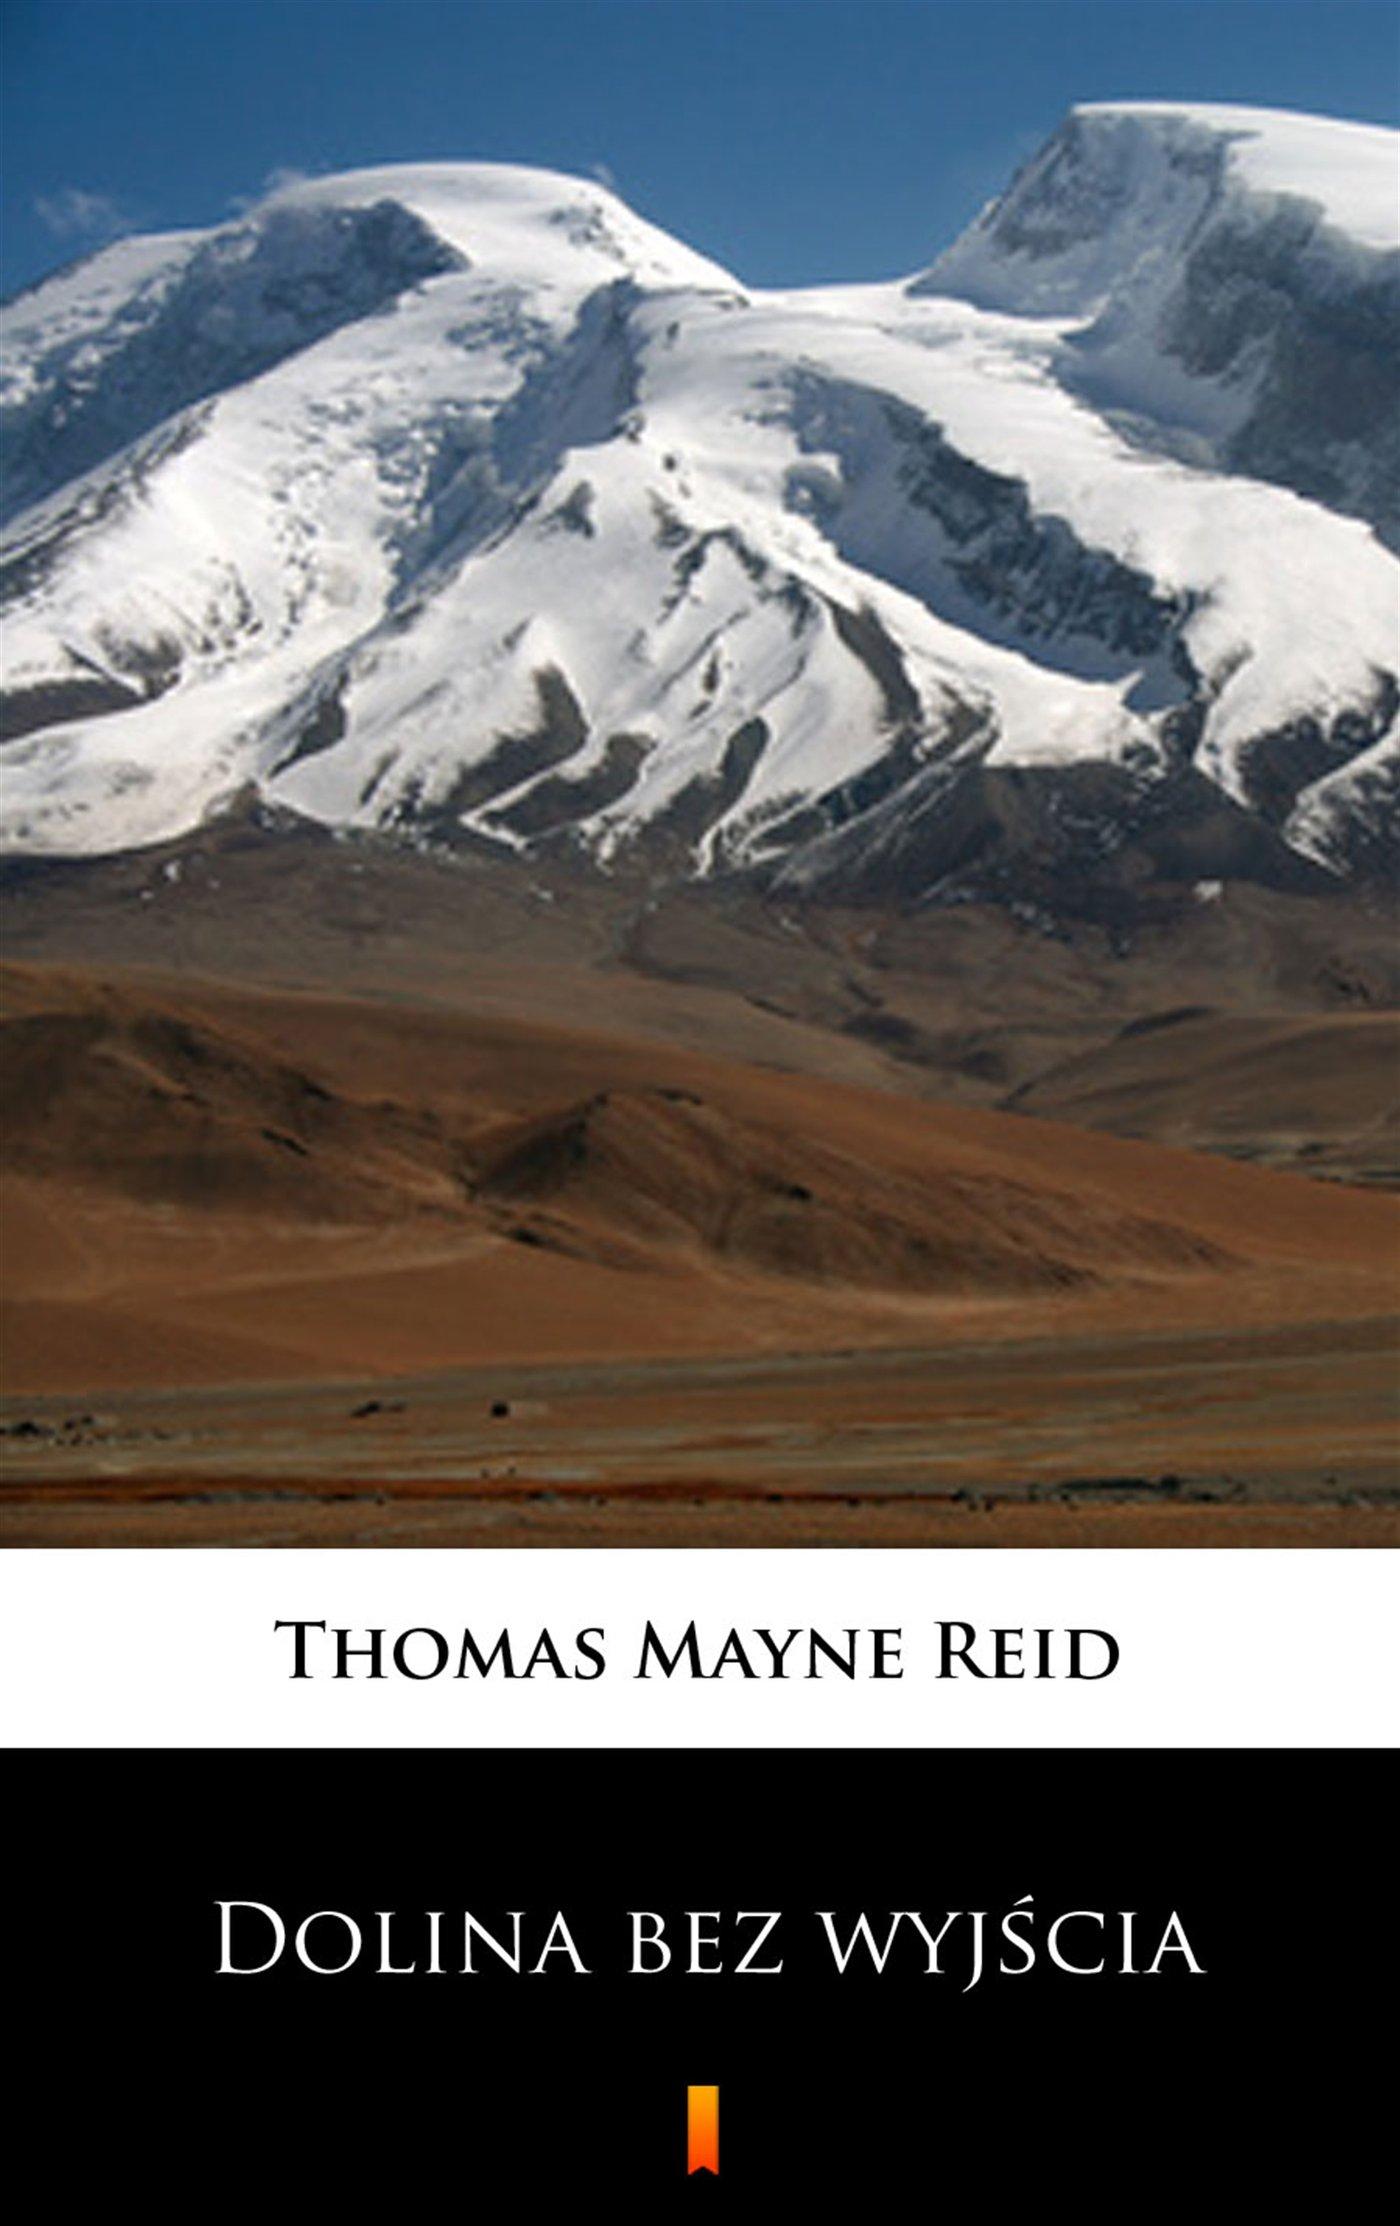 Dolina bez wyjścia - Ebook (Książka na Kindle) do pobrania w formacie MOBI